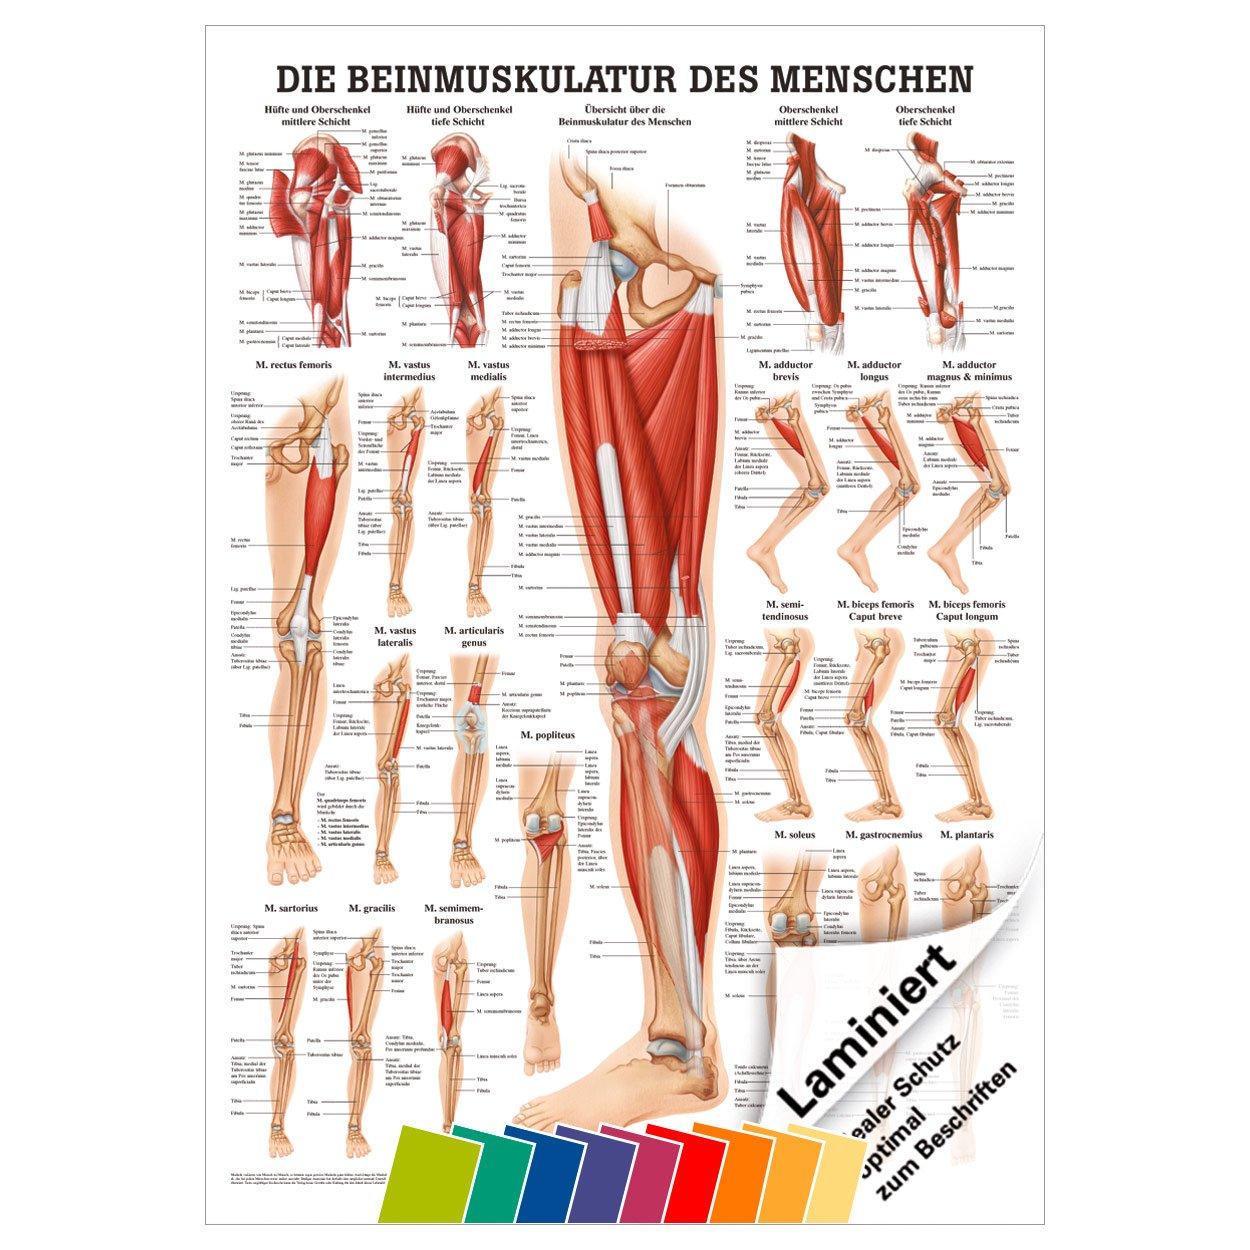 Großartig Anatomie Des Gesäß Und Hüfte Galerie - Physiologie Von ...